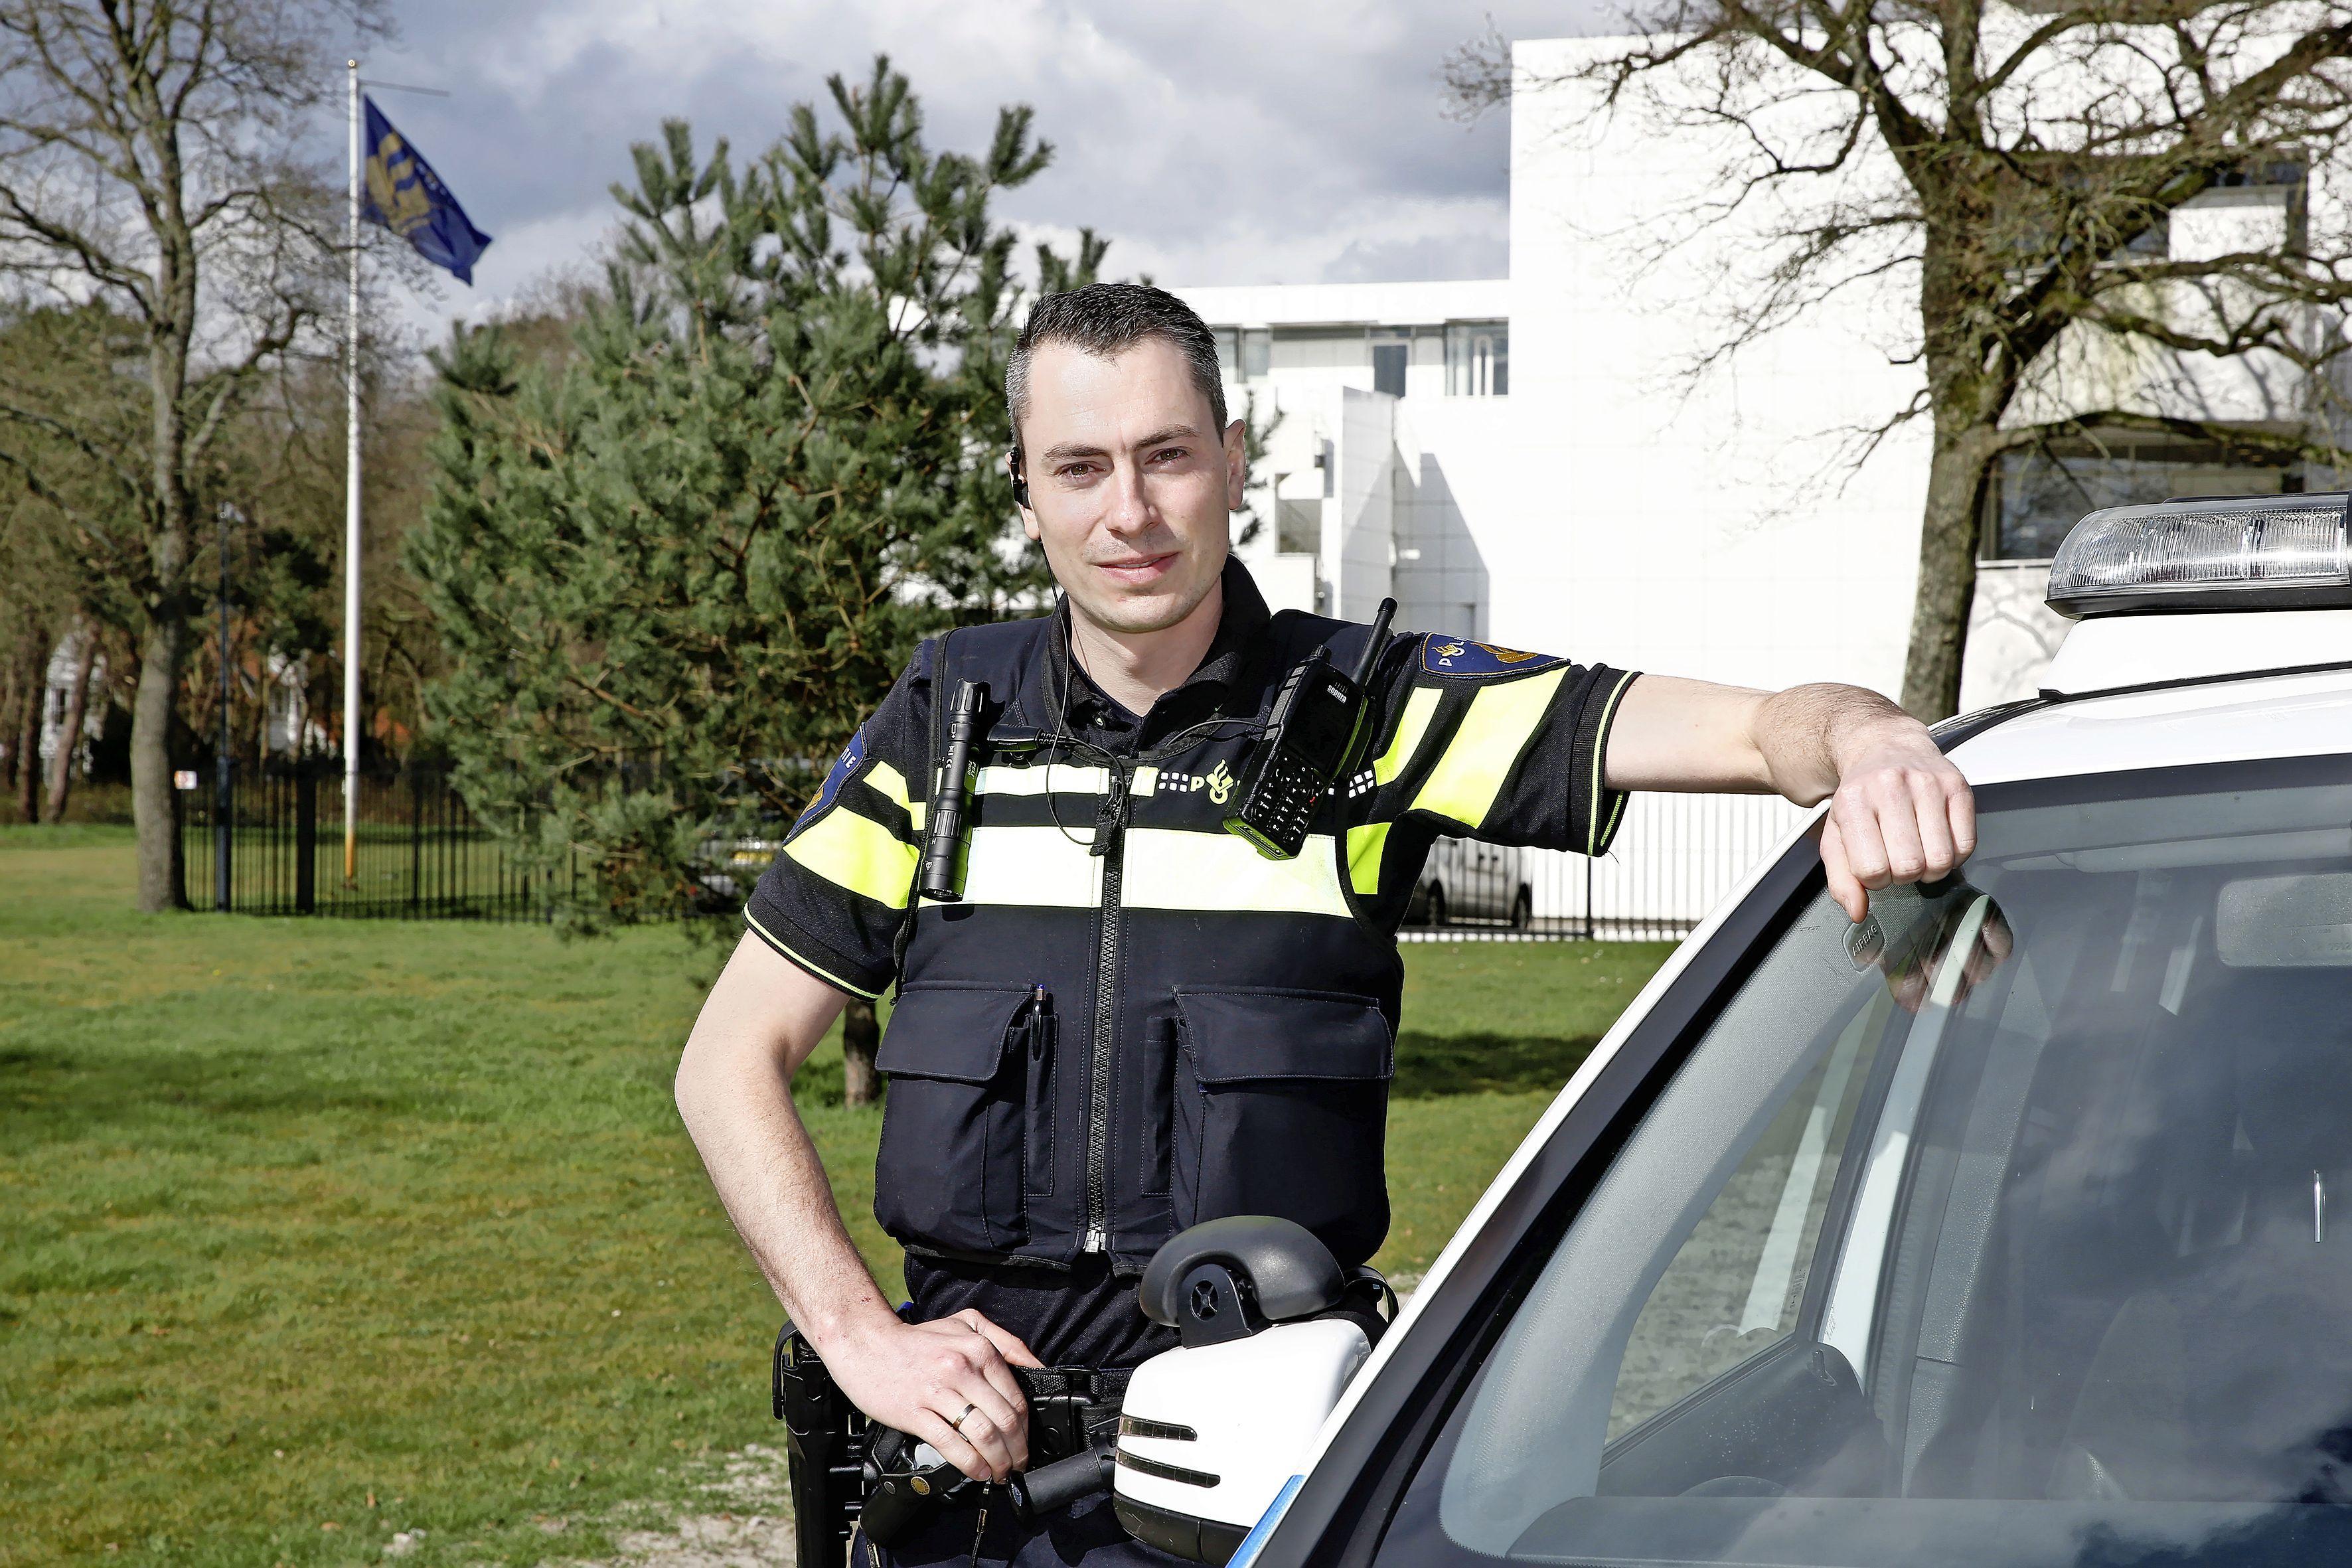 Huftergedrag in het Hilversumse verkeer opnieuw aangepakt. 'We zien veel 18- en 19-jarigen die te hard rijden'